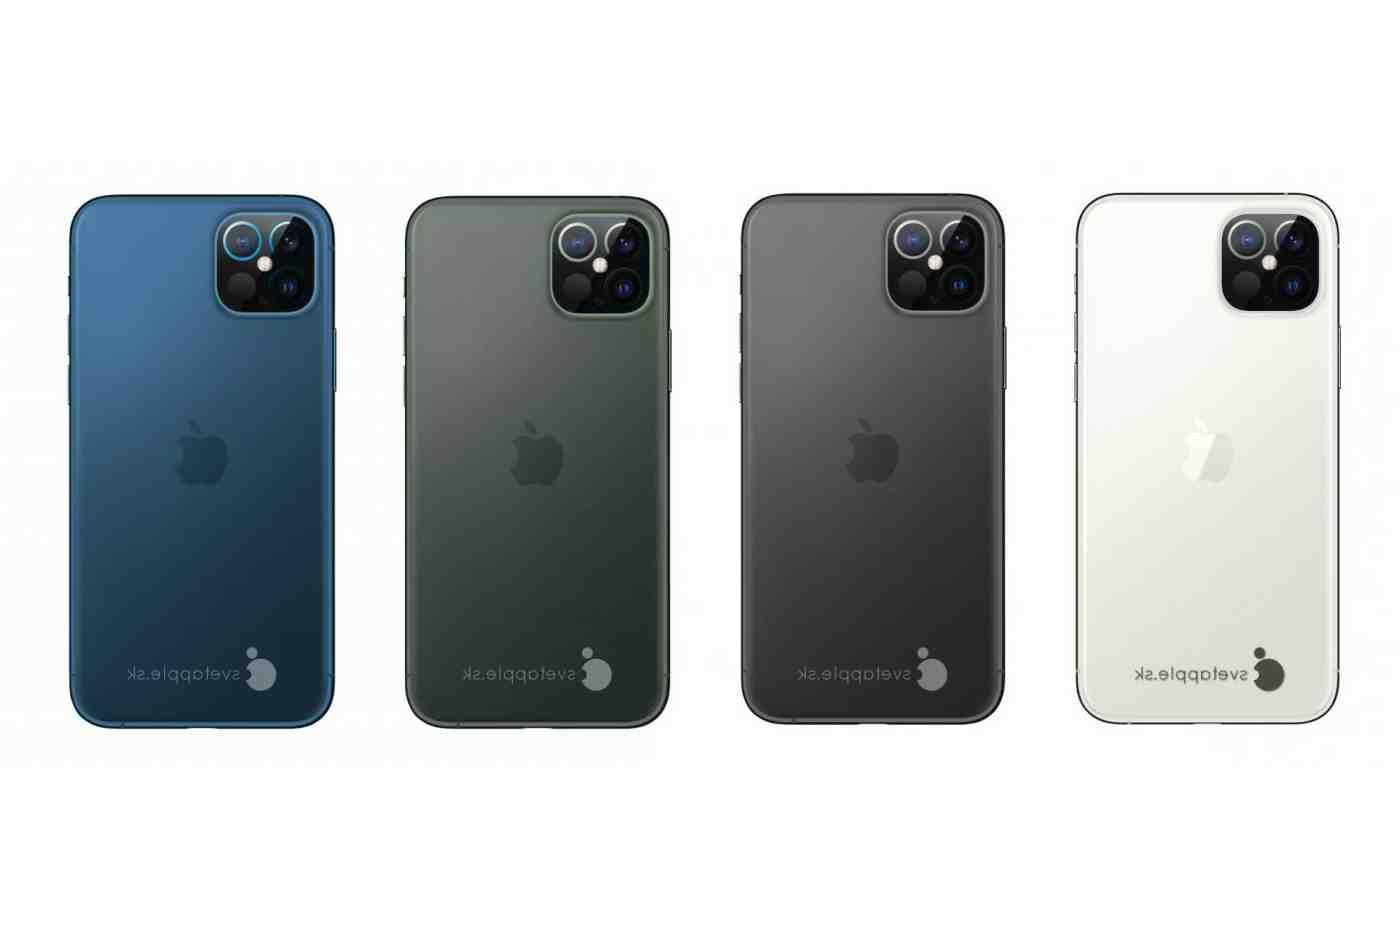 Quand le prix de l'iphone 12 pro max baissera-t-il ?